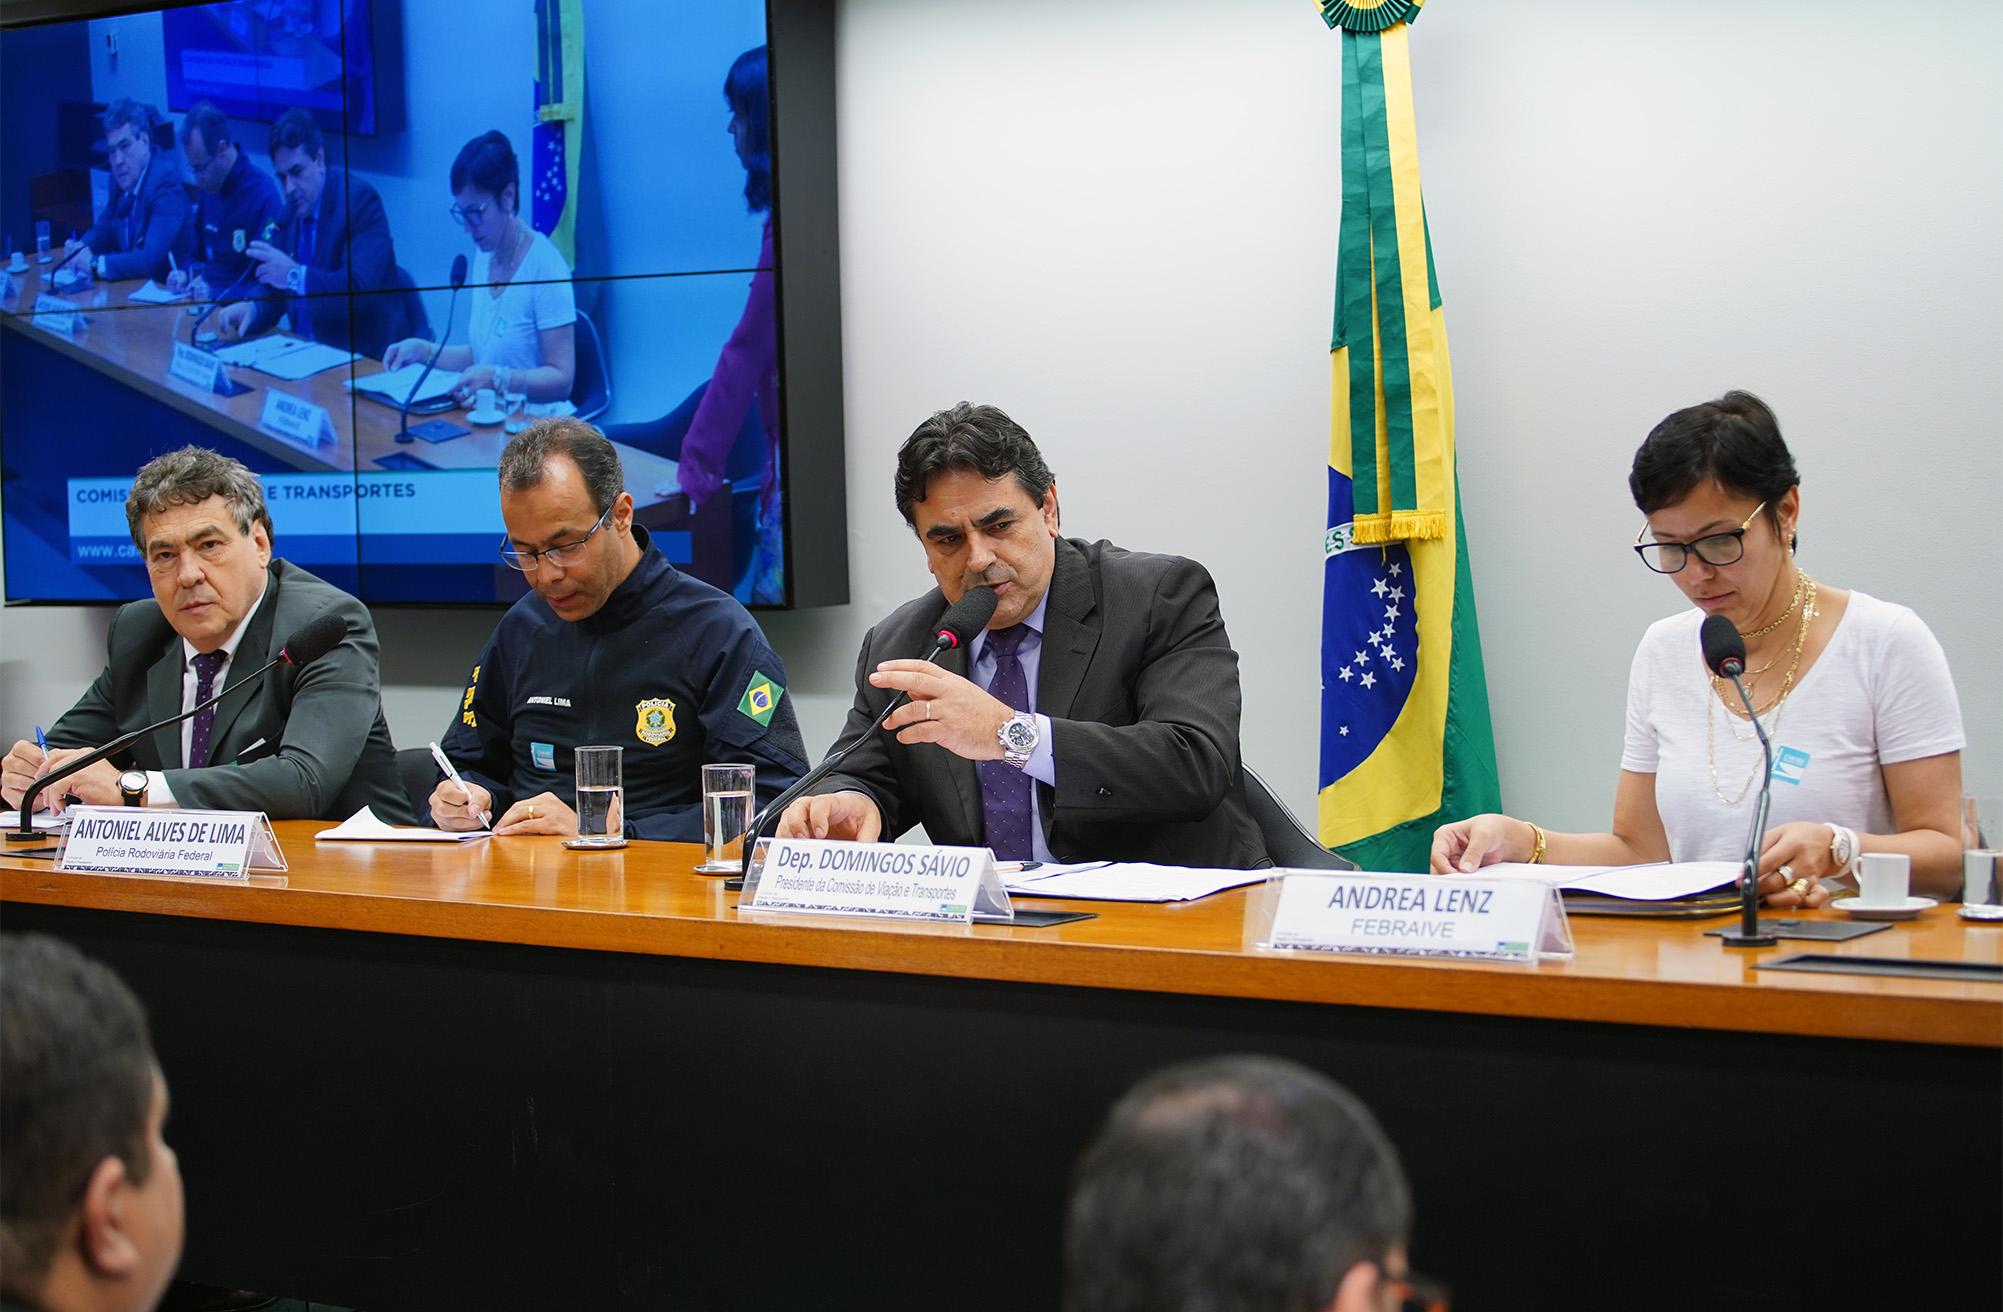 Audiência pública sobre a implementação da Resolução n. 729, de 06 de março de 2018, do Conselho Nacional de Trânsito (Placas de Veículos padrão Mercosul)